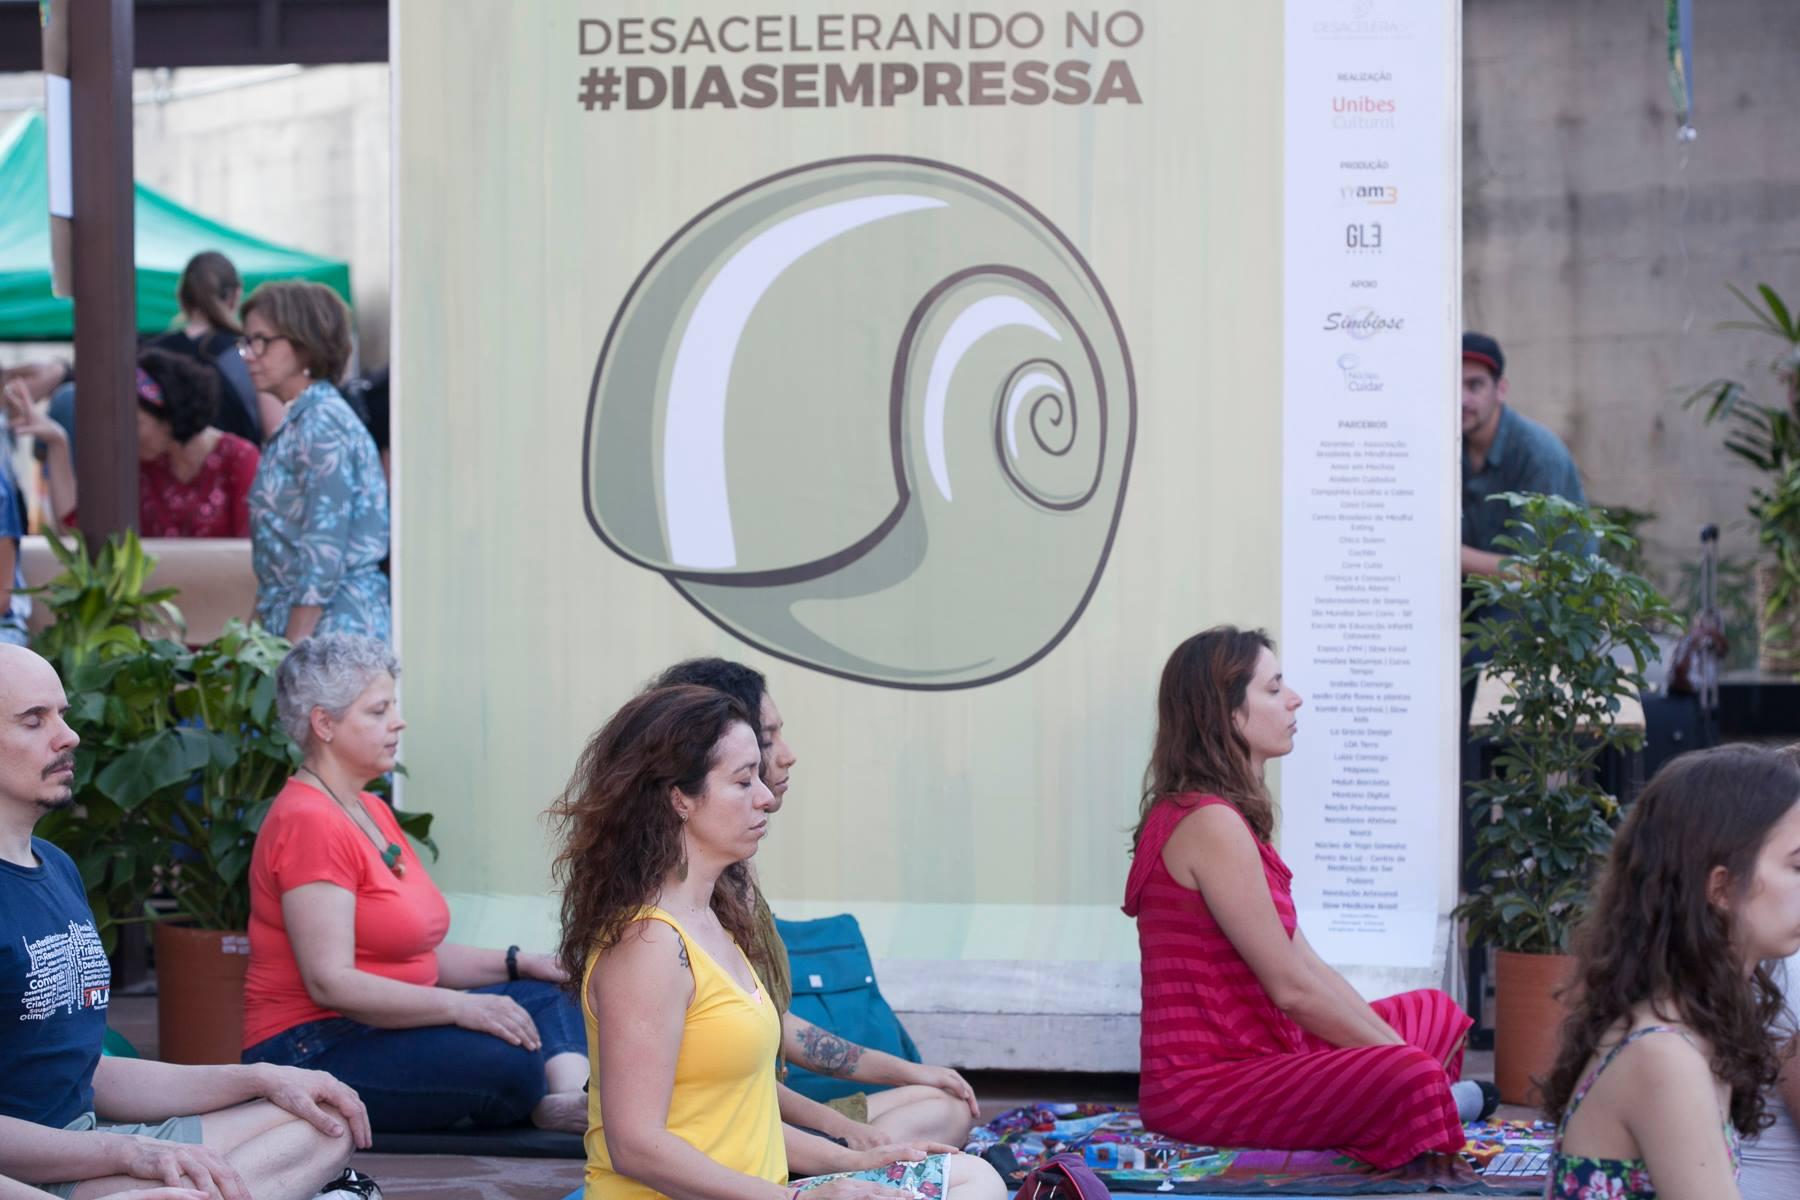 pessoas meditam no dia sem pressa